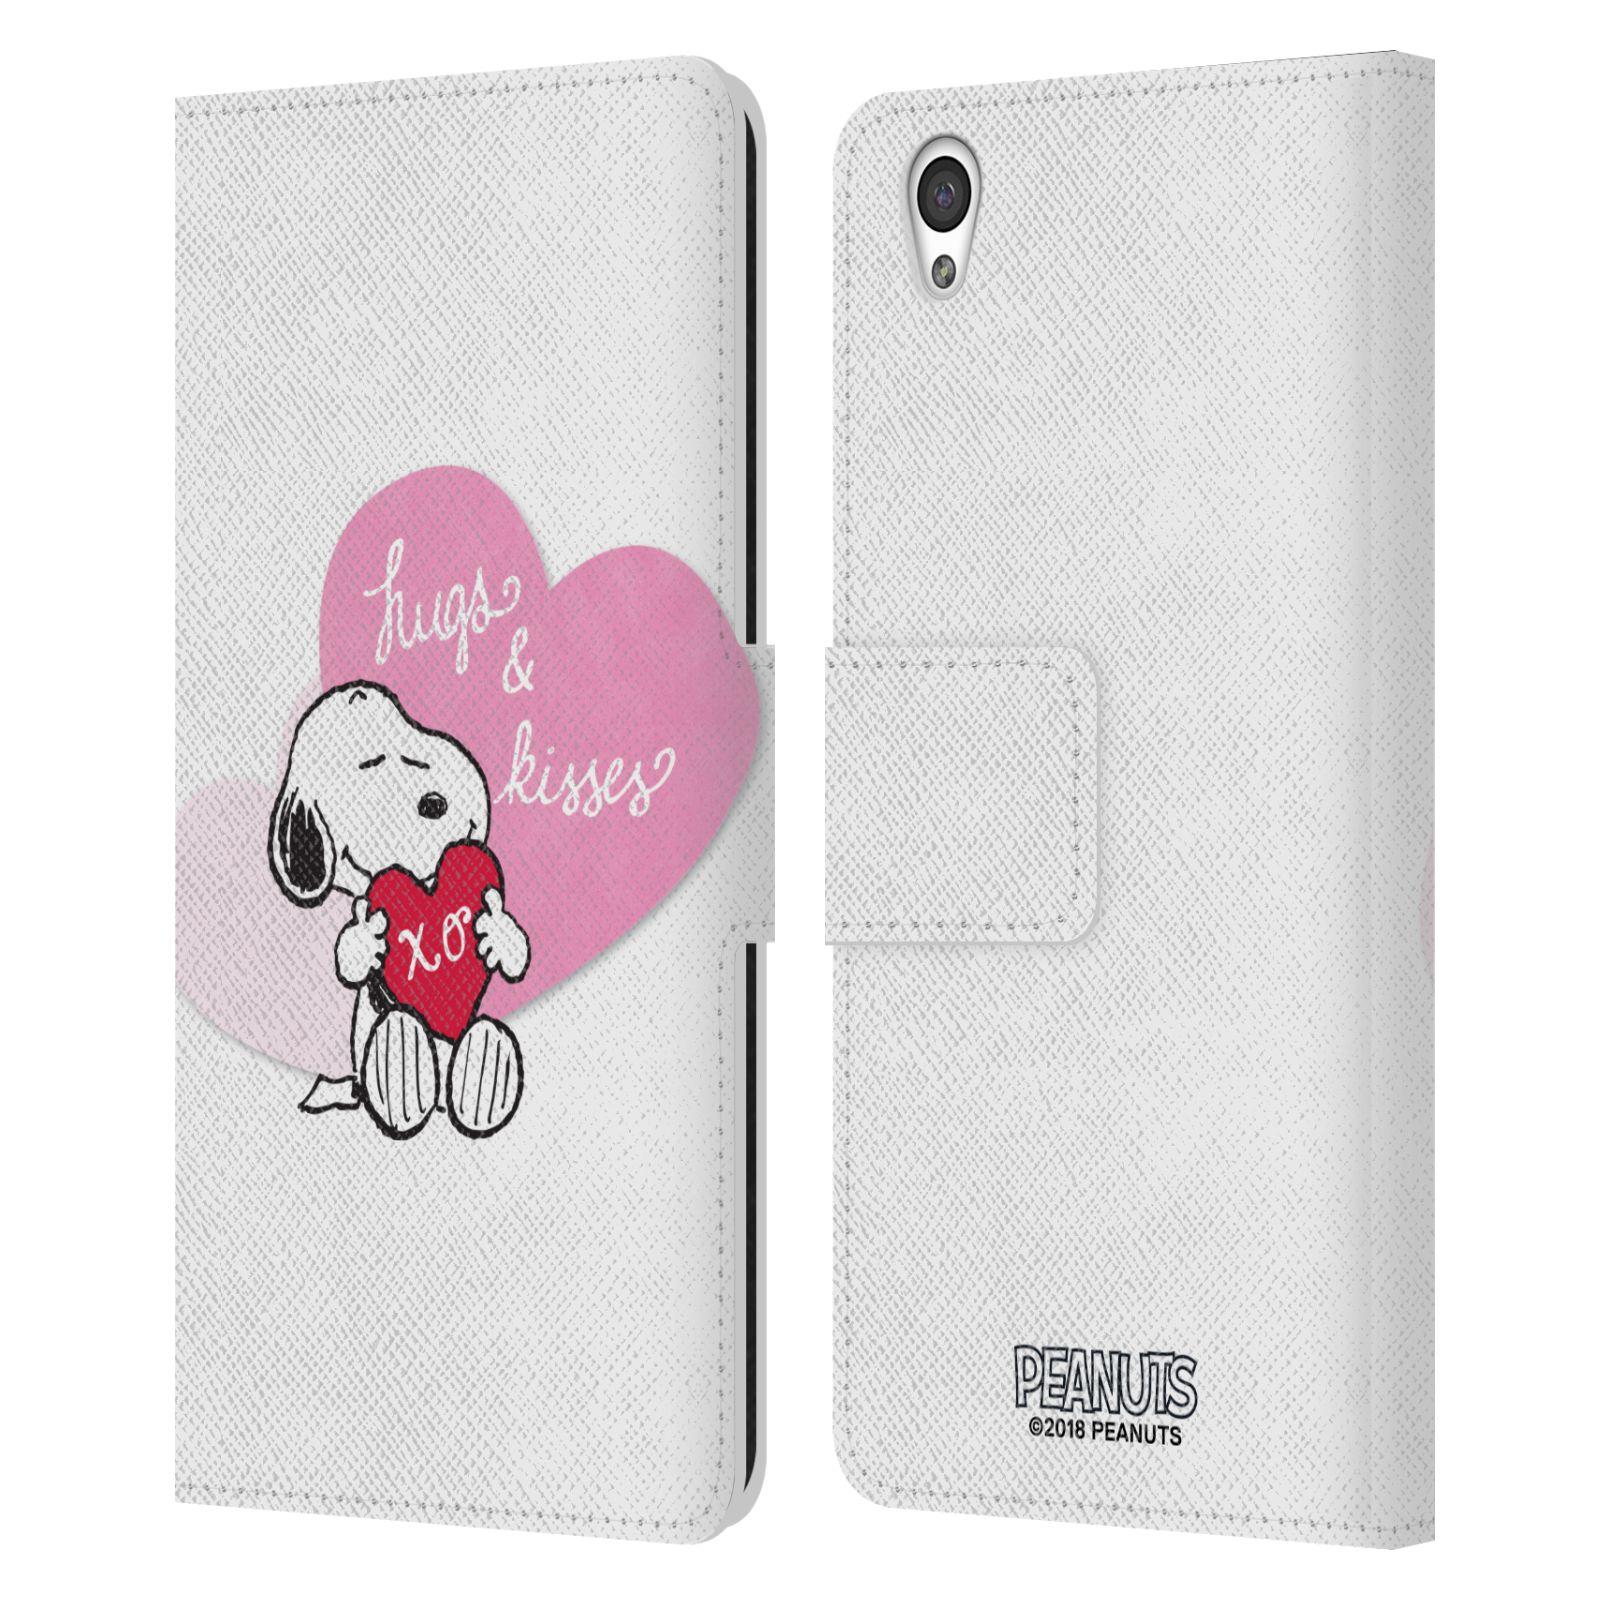 Pouzdro na mobil OnePlus X - Head Case - Peanuts - Snoopy pejsek se srdíčkem